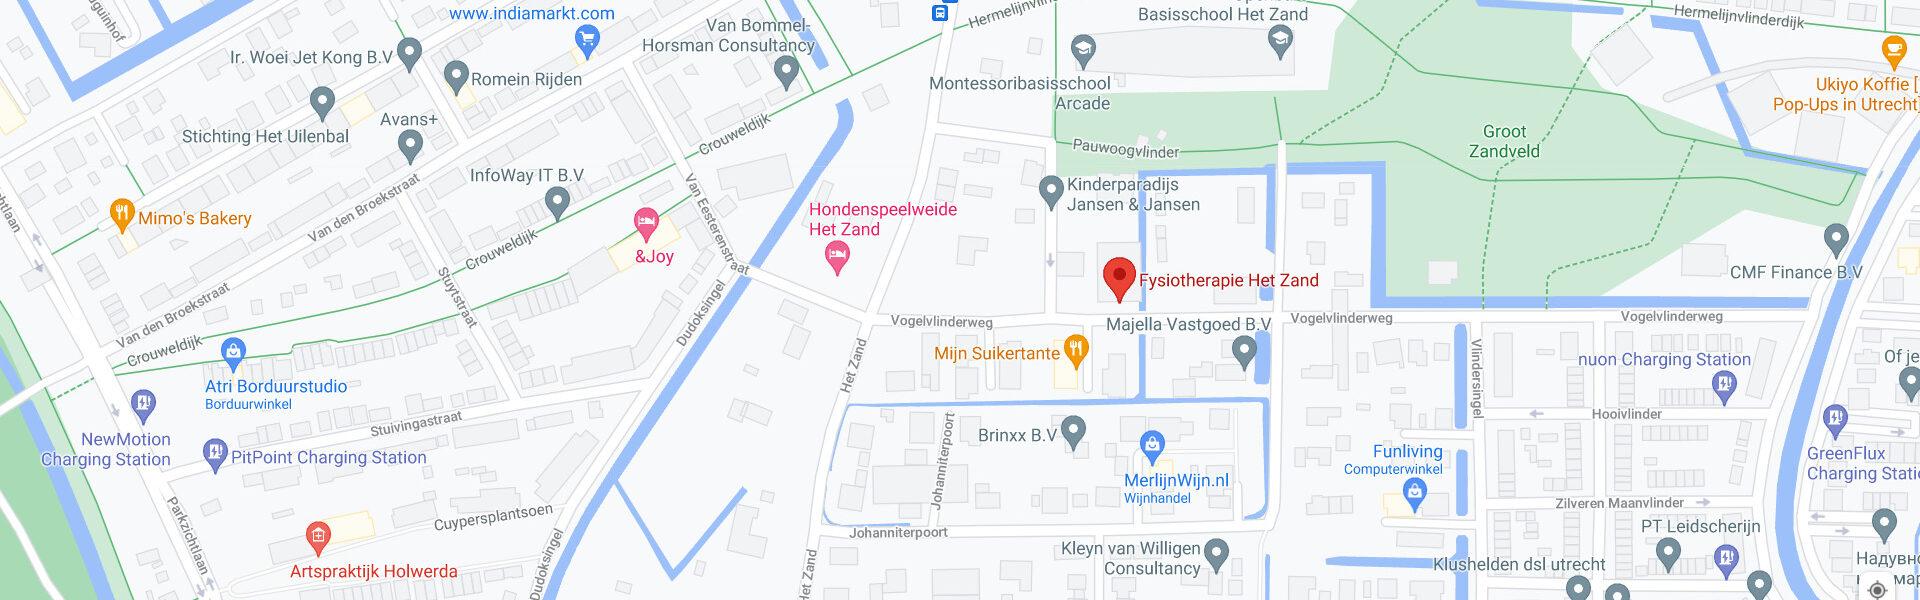 Locatie map Fysiotherapie Het Zand, Vogelvlinderweg, Leidsch Rijn